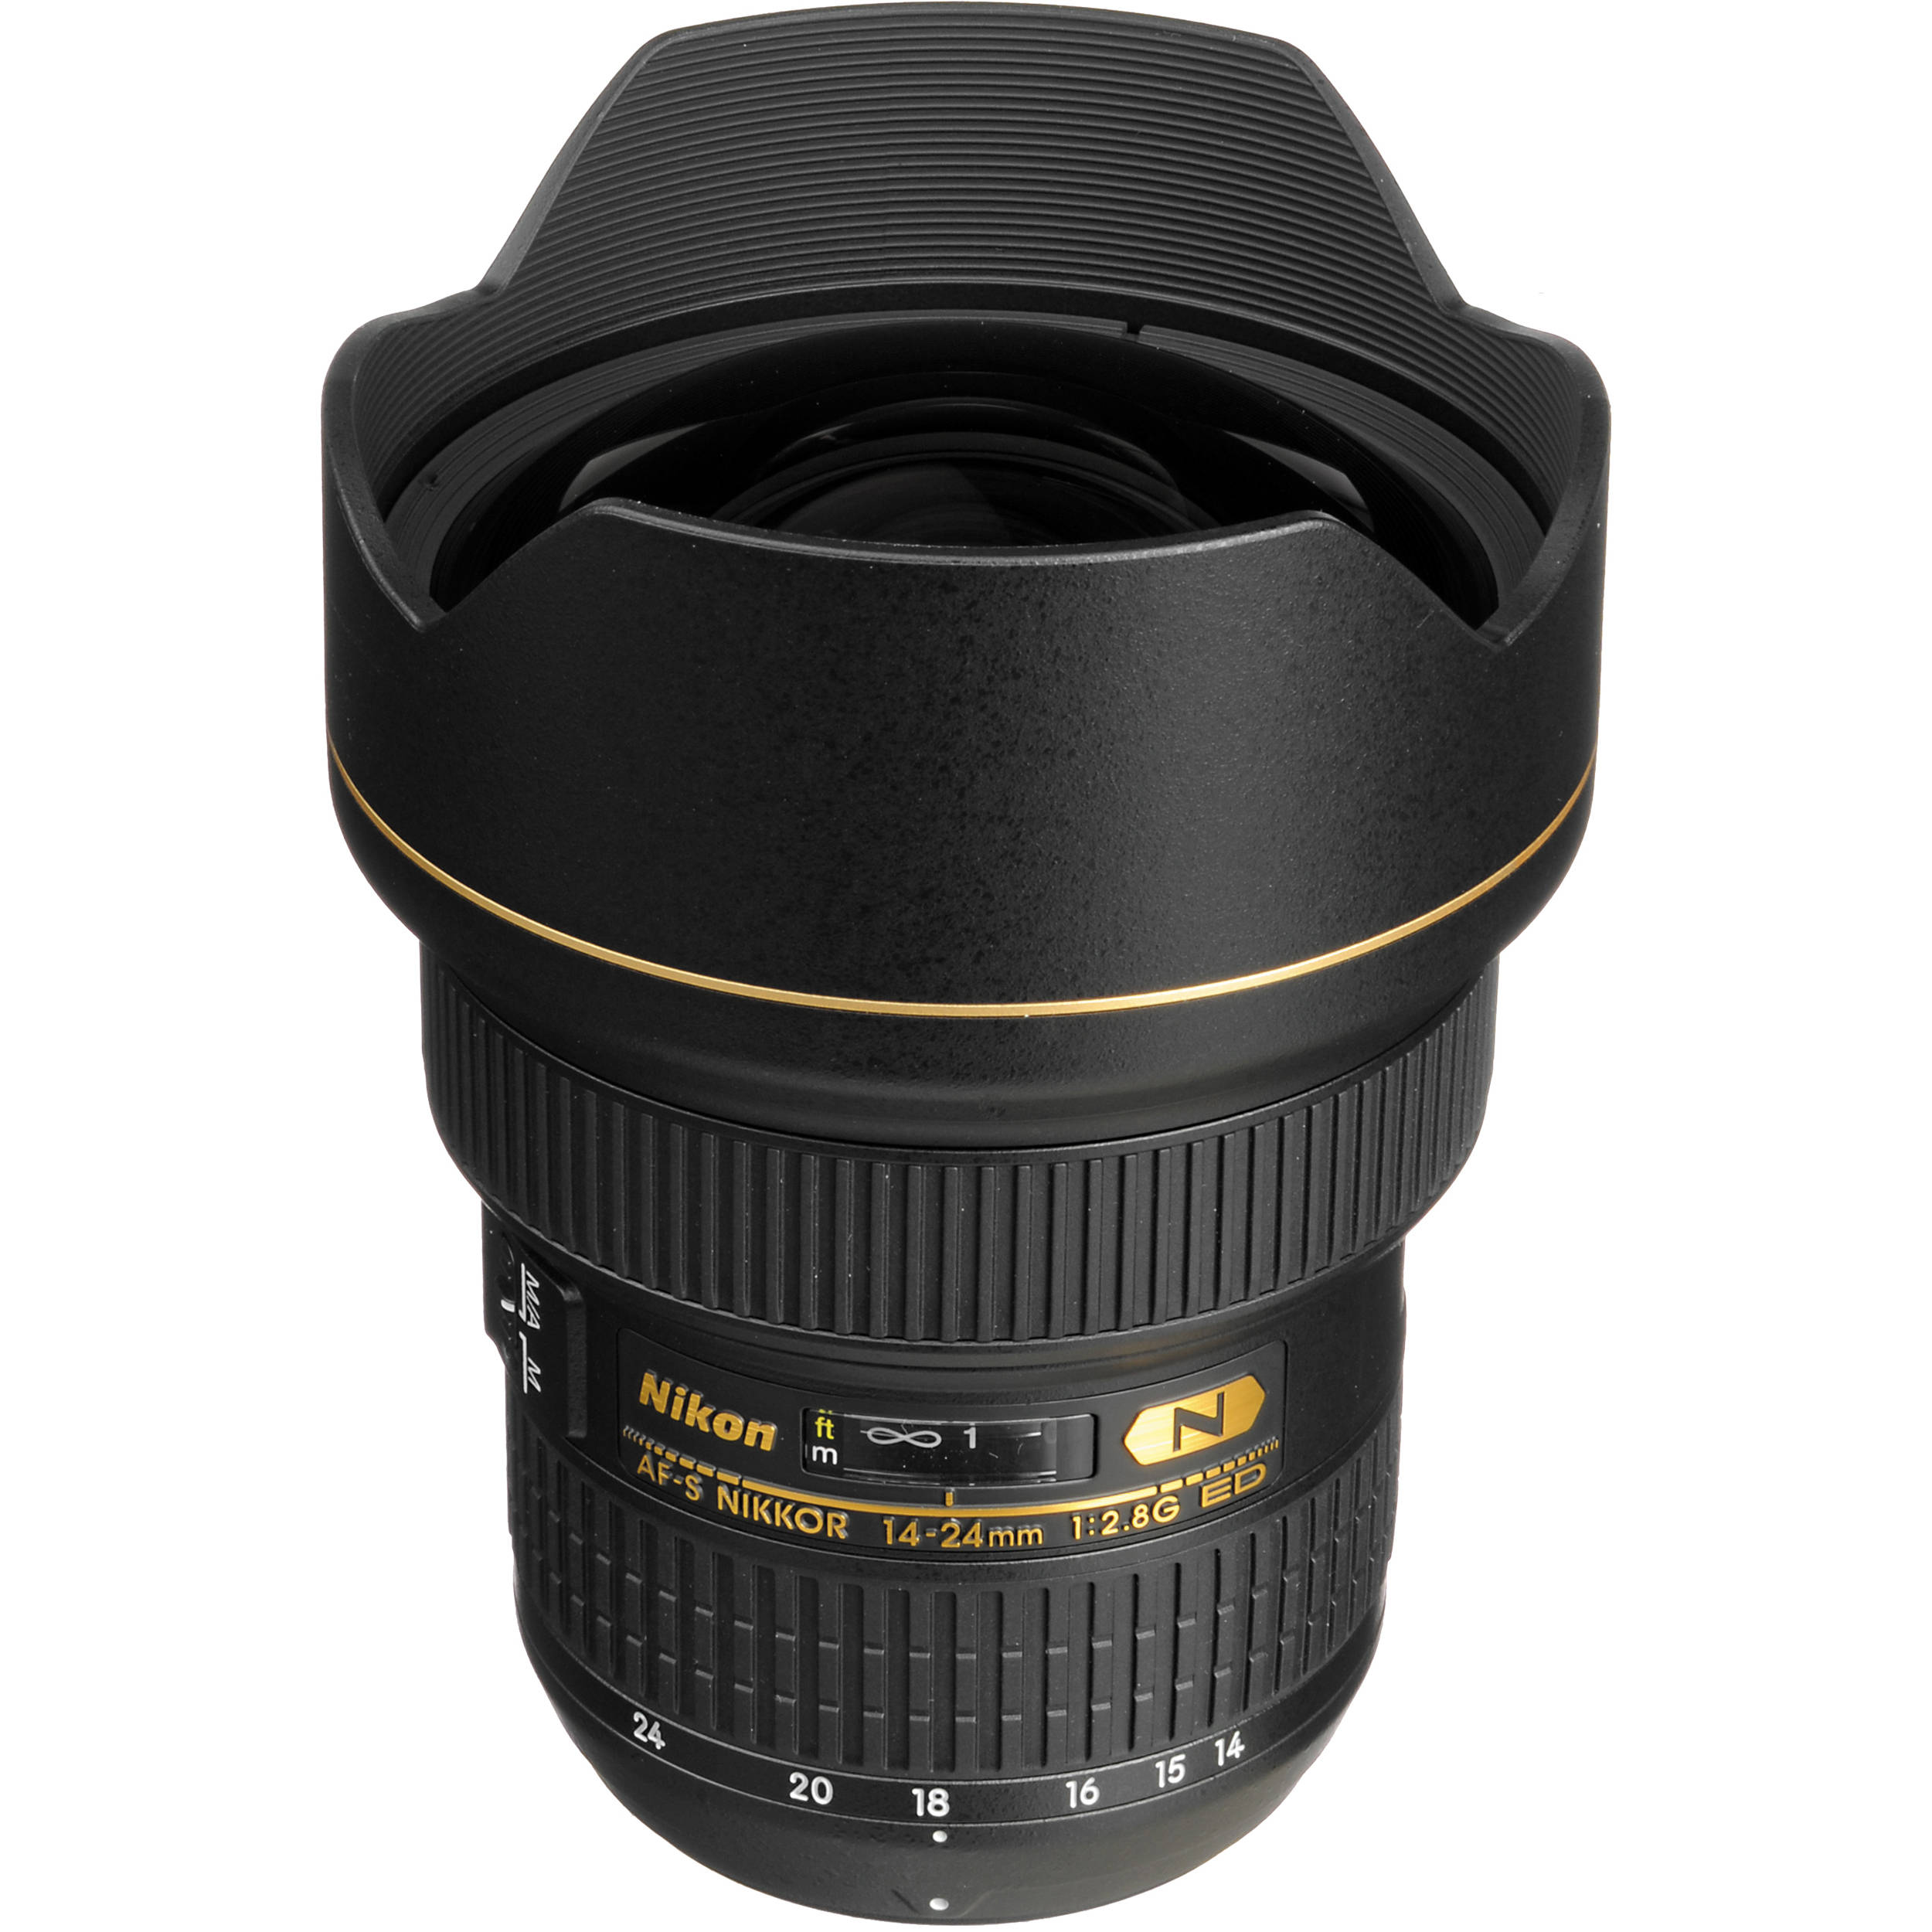 Nikon AF-S NIKKOR 14-24mm f/2.8G ED Lens 2163 B&H Photo Video